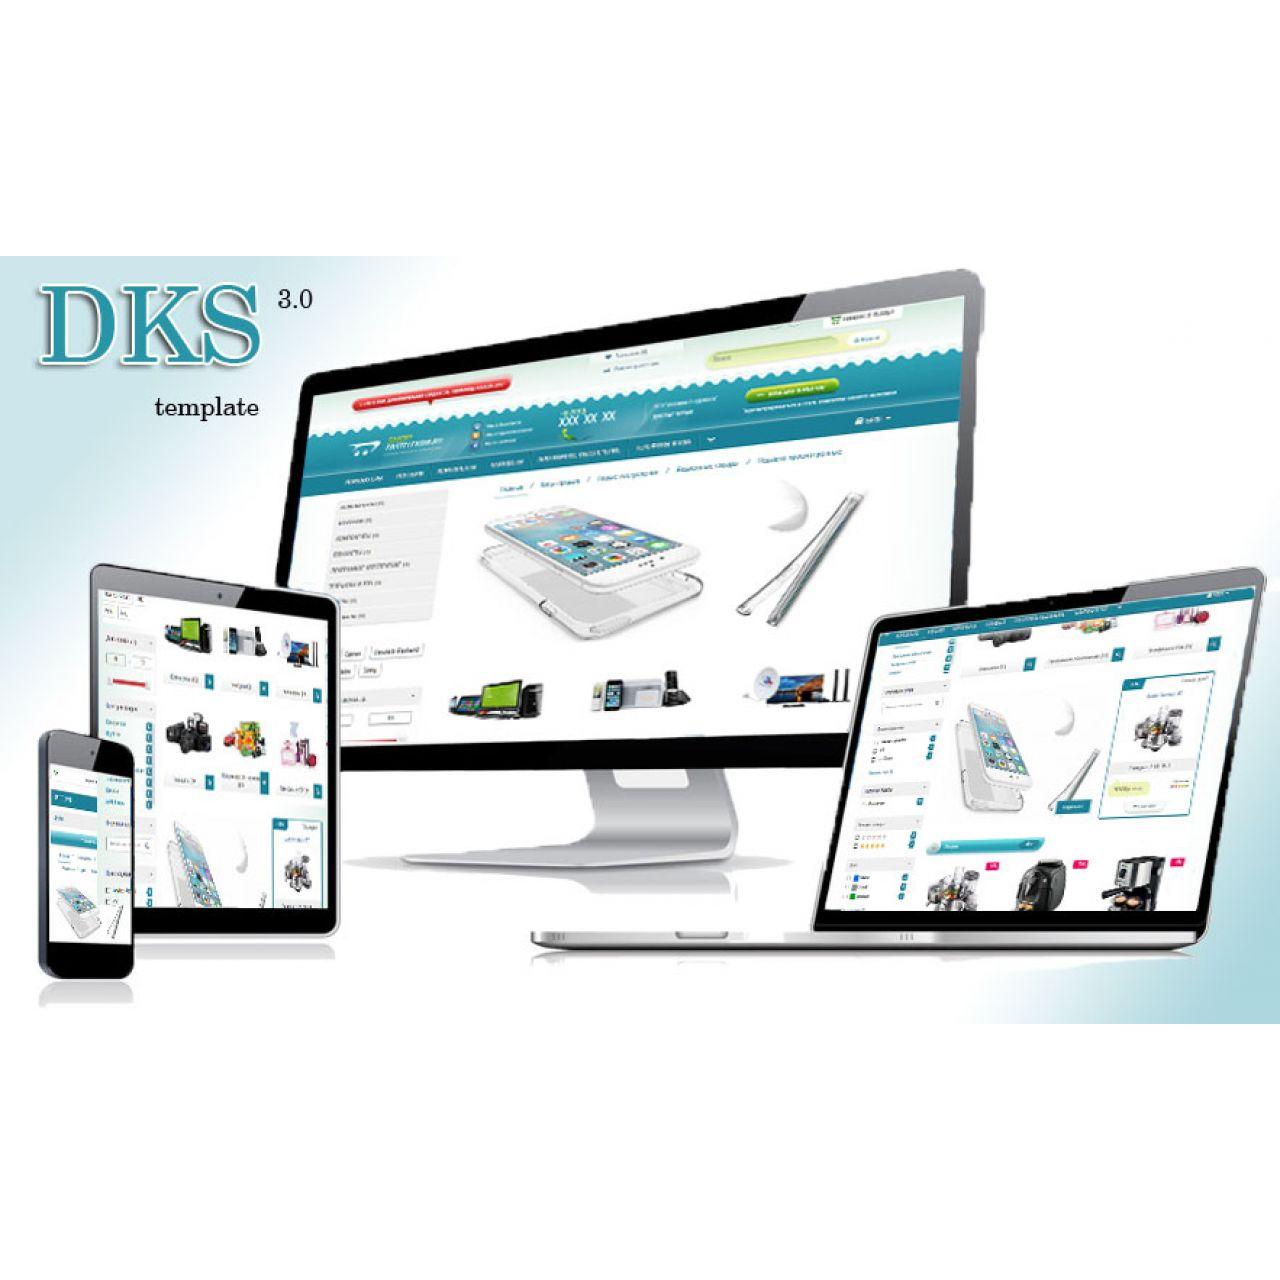 DKS template 3.0 - Живой динамичный многомодульный шаблон 3.0 из категории Шаблоны для CMS OpenCart (ОпенКарт)